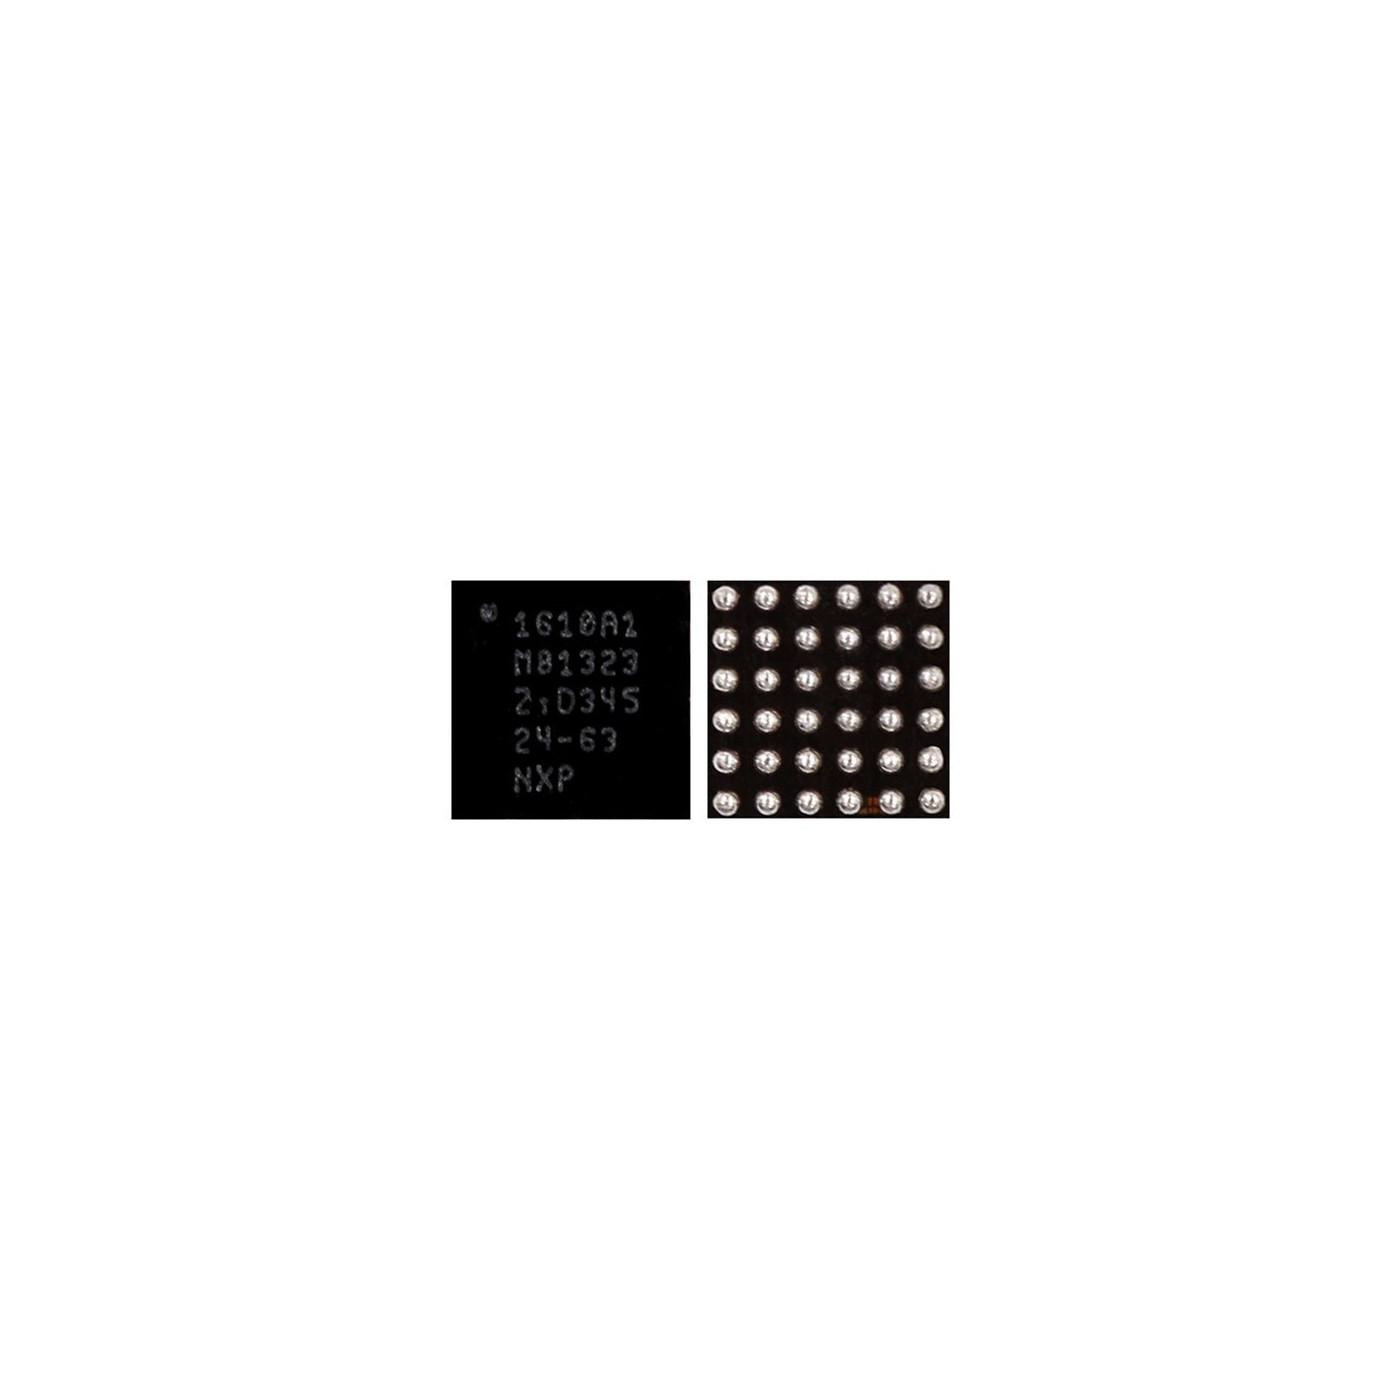 IC Chip U2 1610A2 carica ricarica USB 36 PIN per Iphone 6 - 6 plus